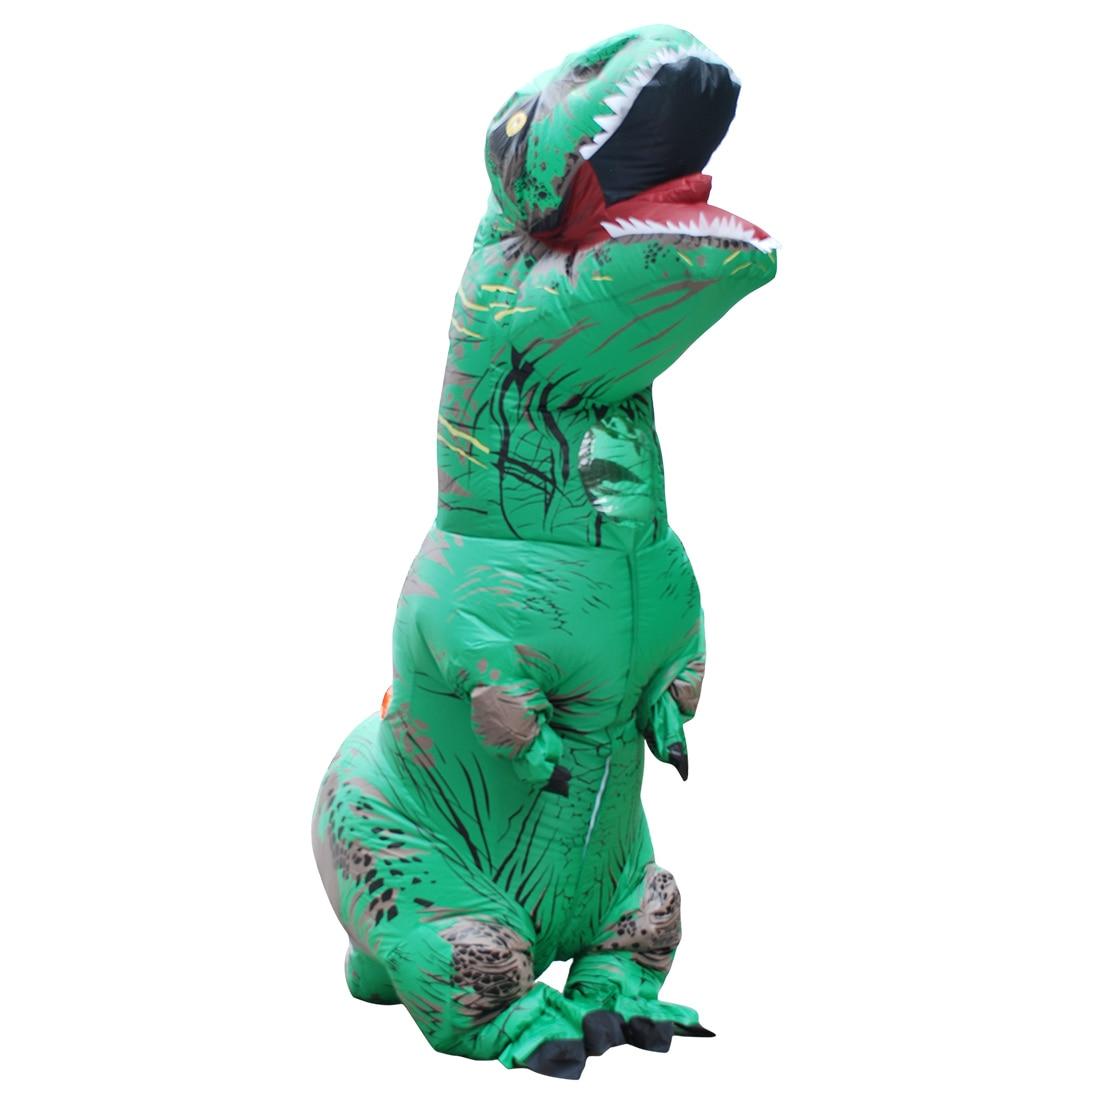 venta al por menor disfraz adulto verde dinosaurio inflable disfraz disfraz de halloween para hombres